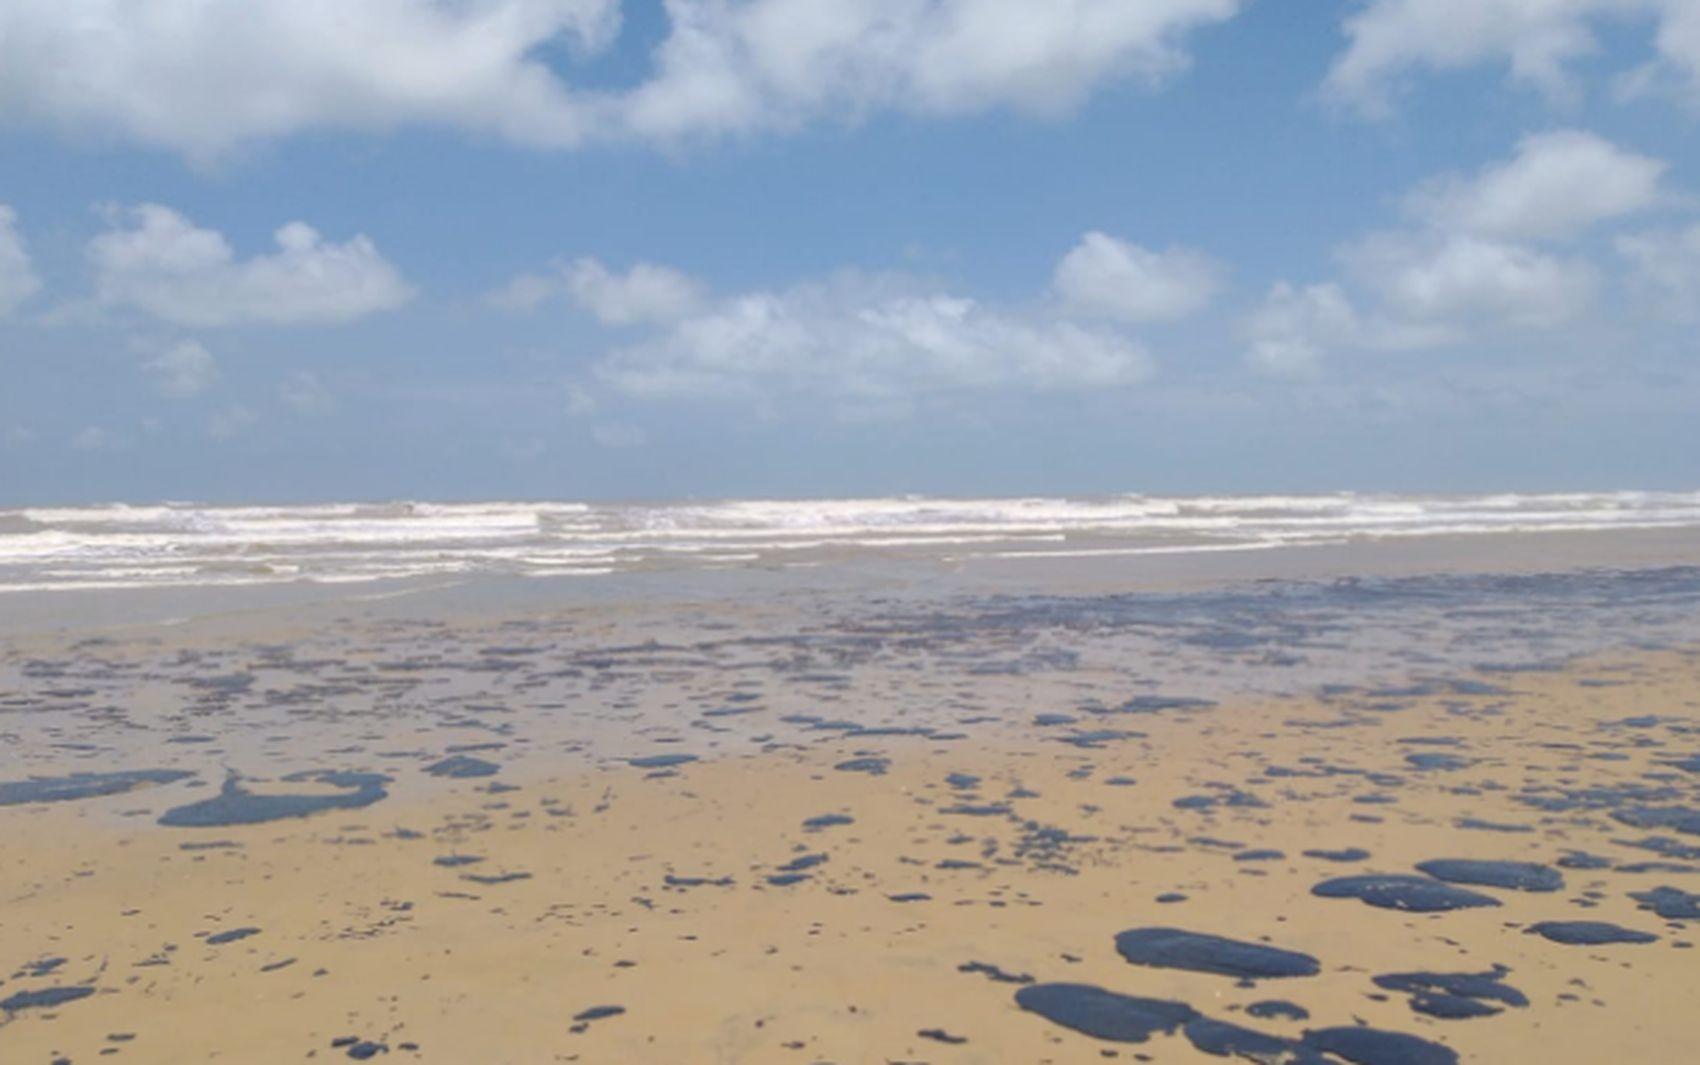 Justiça Federal determina que União e Ibama aumentem equipes de limpeza e que apresentem relatório sobre situação de manchas de óleo em Sergipe semanalmente - Notícias - Plantão Diário